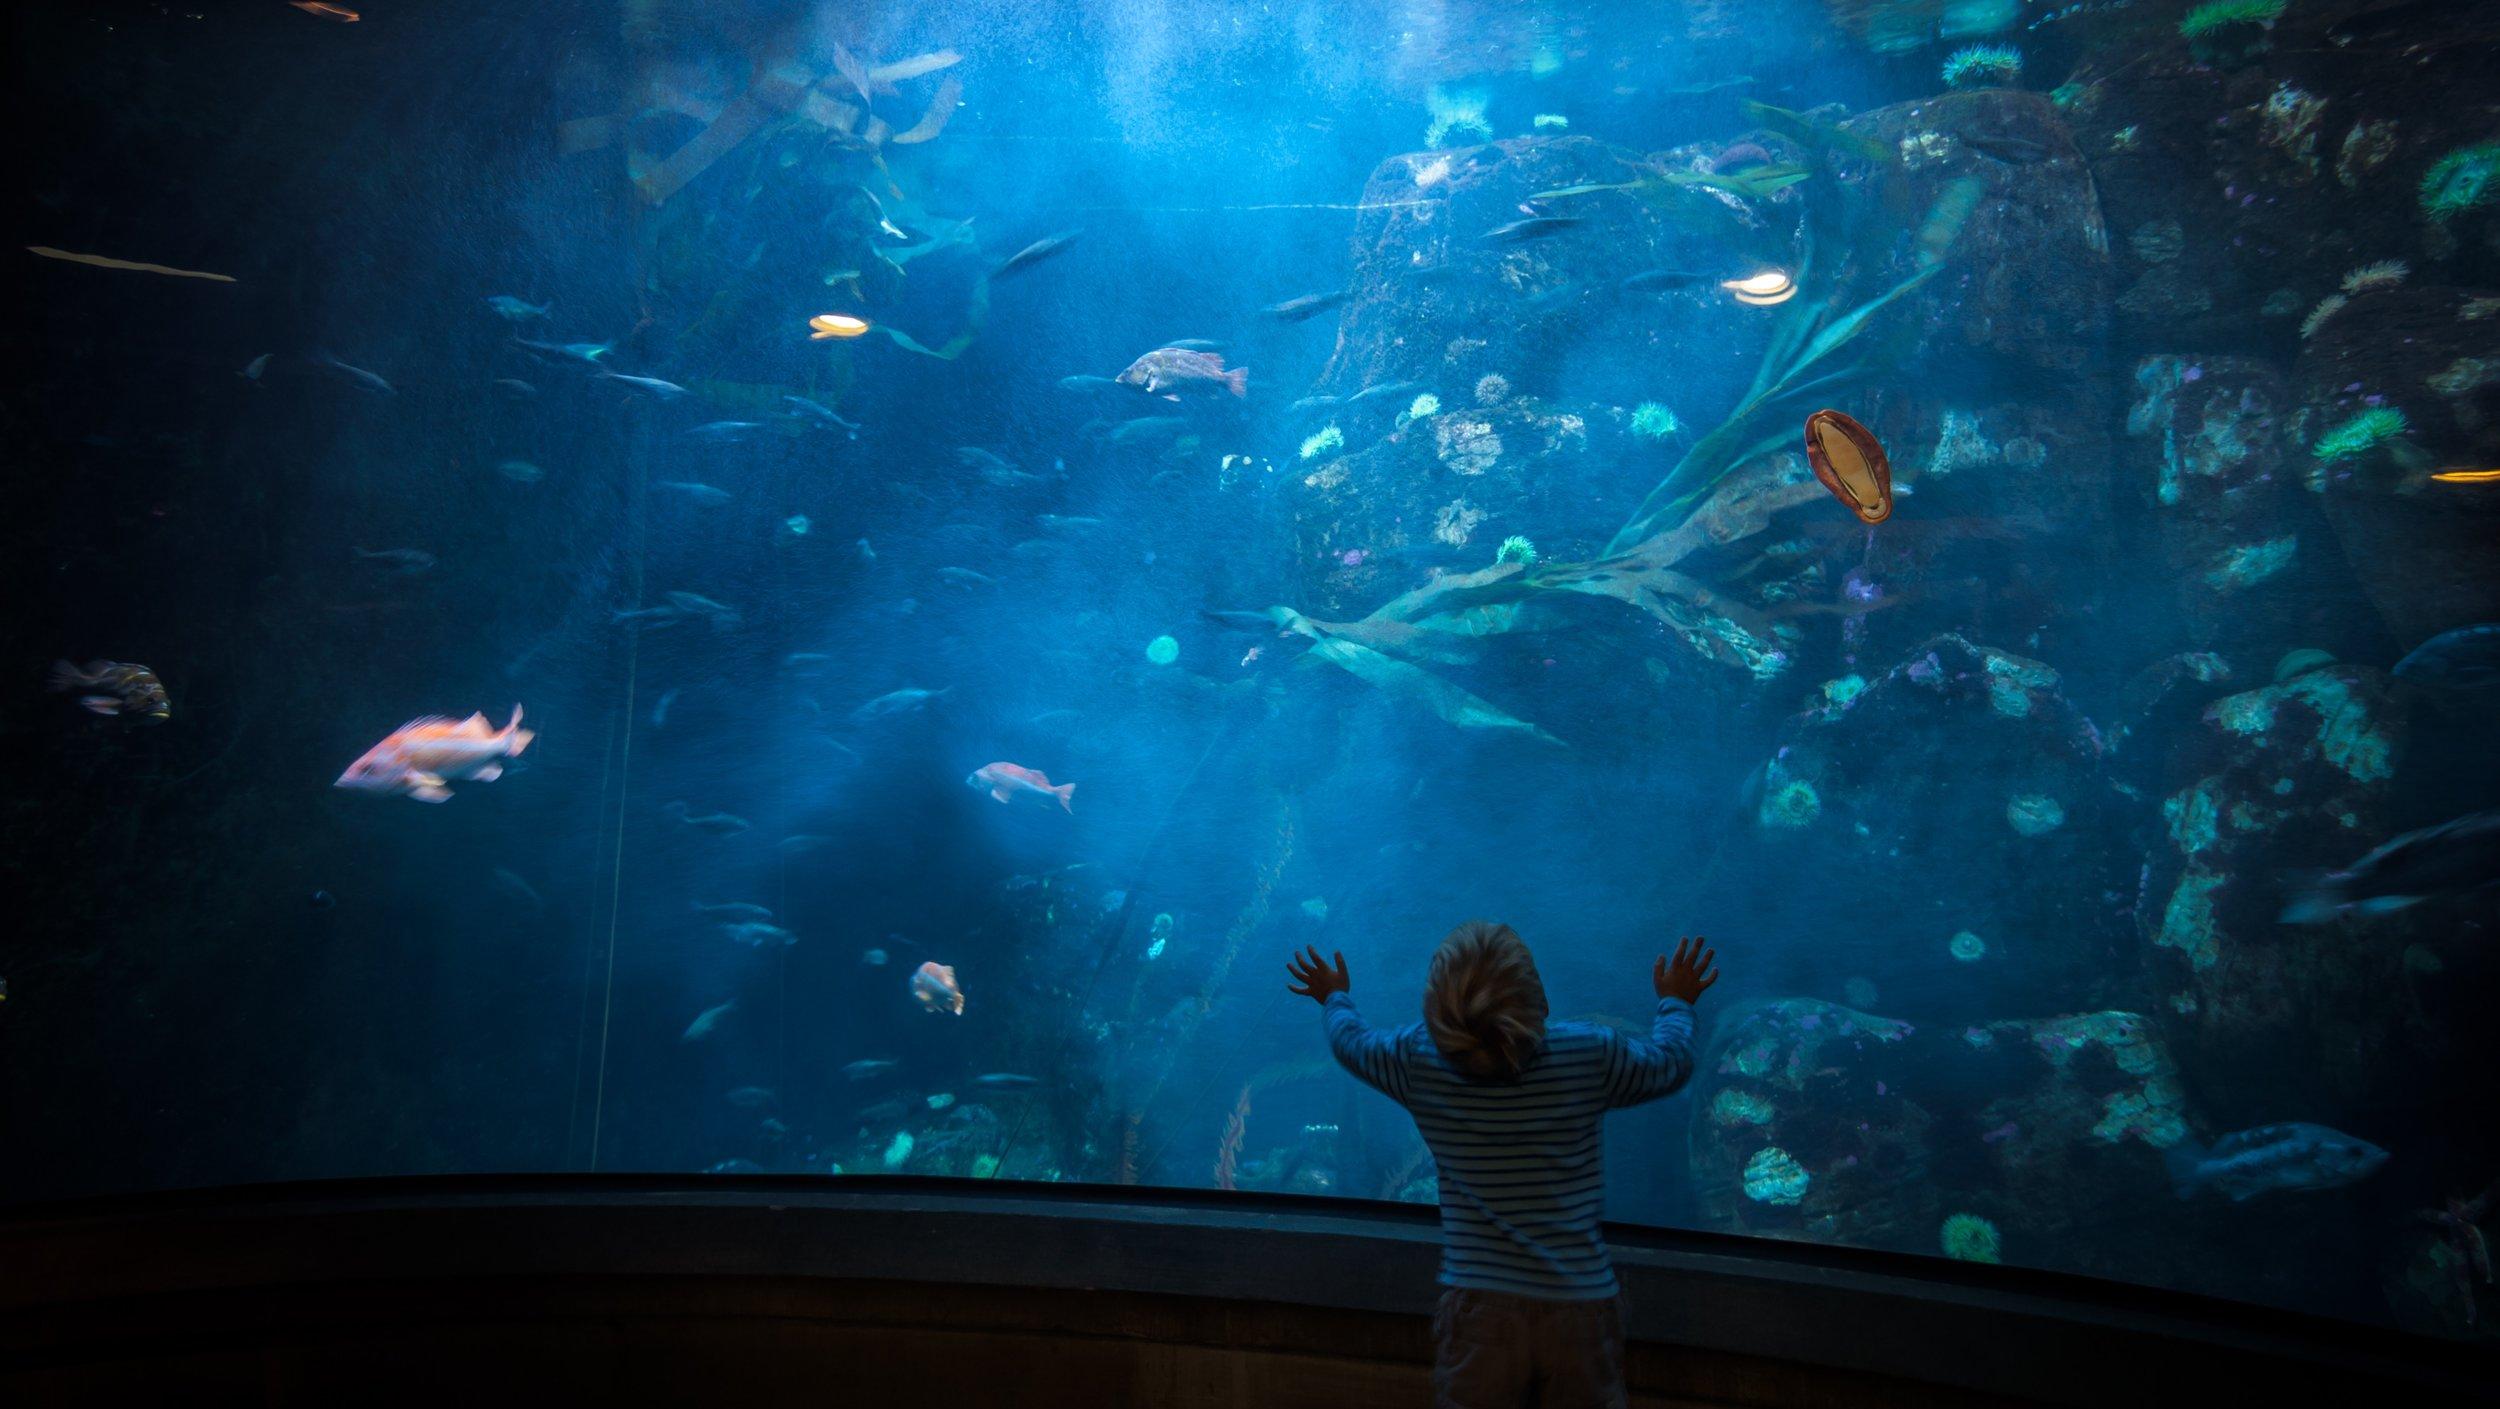 Verdenshavene fylles med plast og flere arter forsvinner i skremmende raskt tempo. Foto:  https://unsplash.com/@vanveenjf